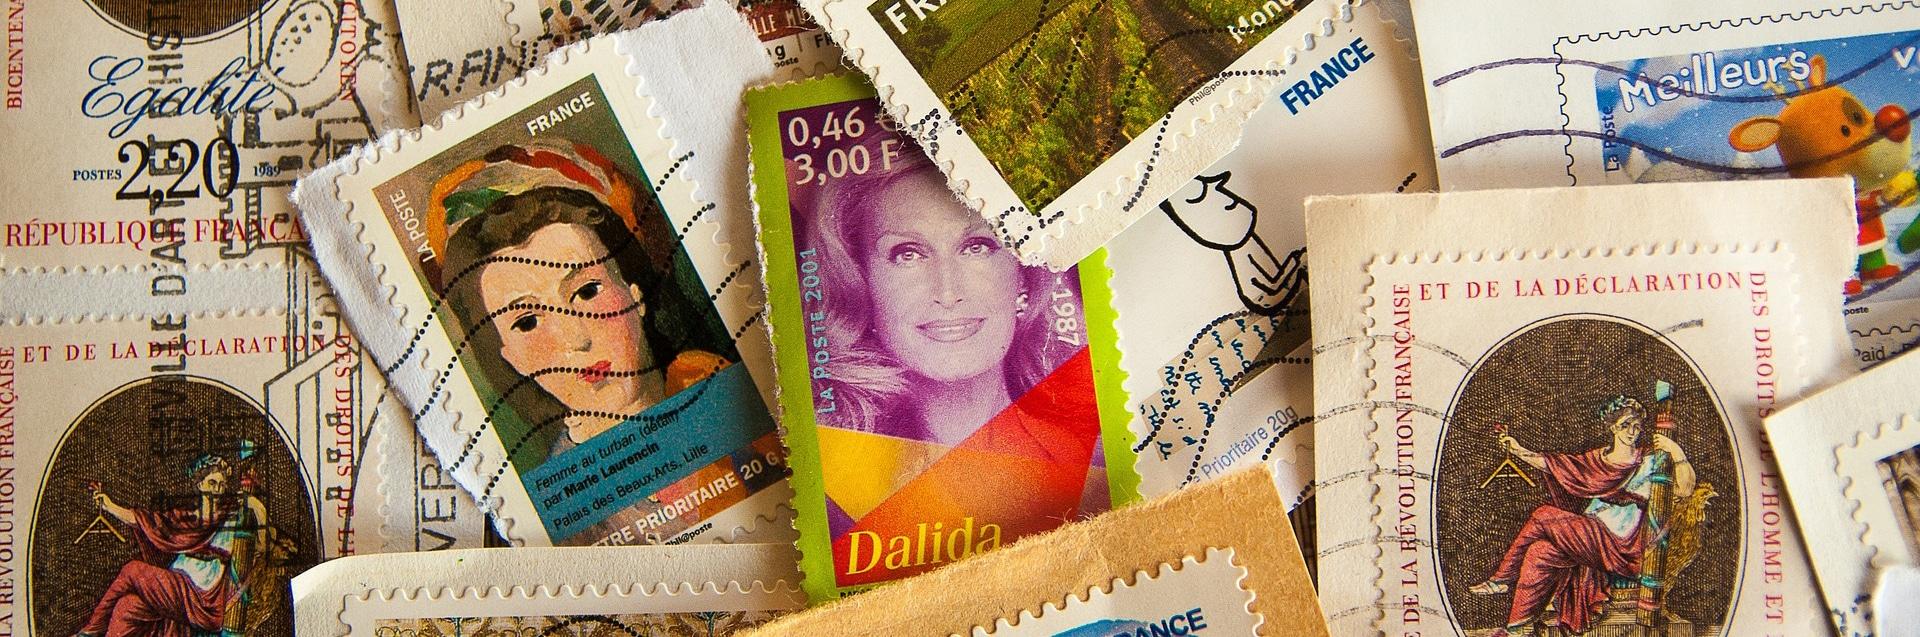 Briefmarken verkaufen